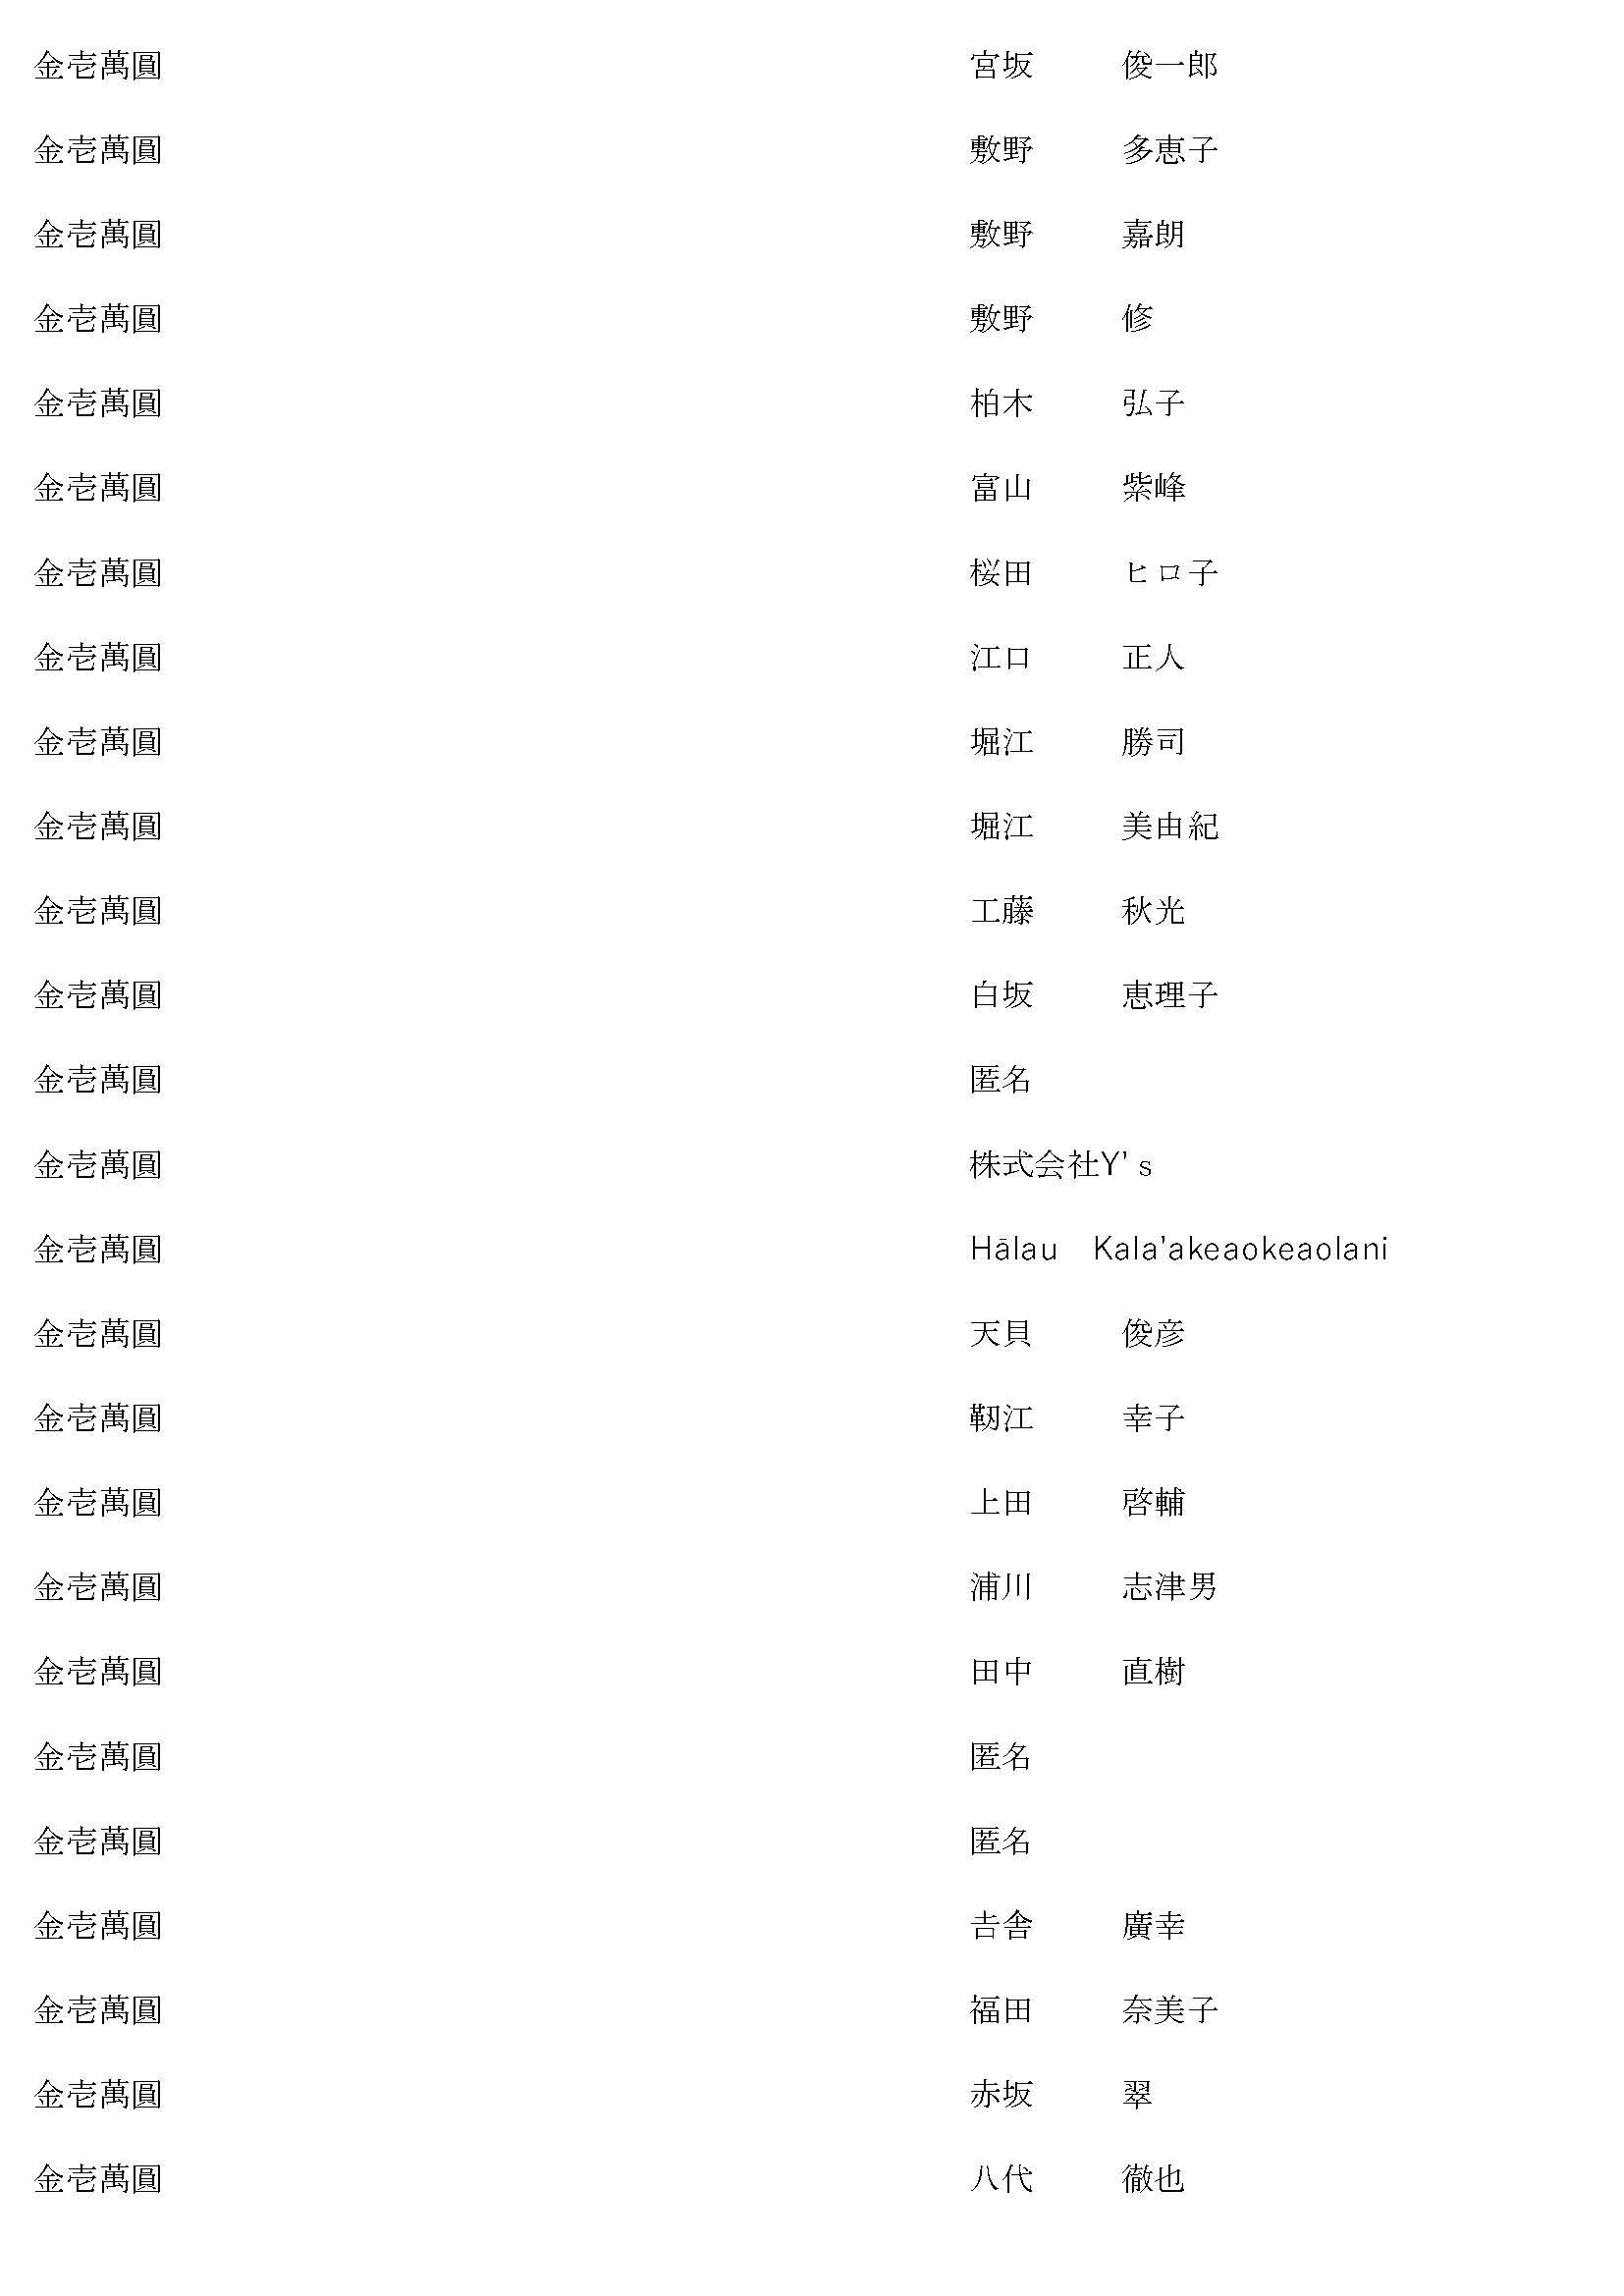 御鎮座七百年記念事業奉賛者御芳名簿10